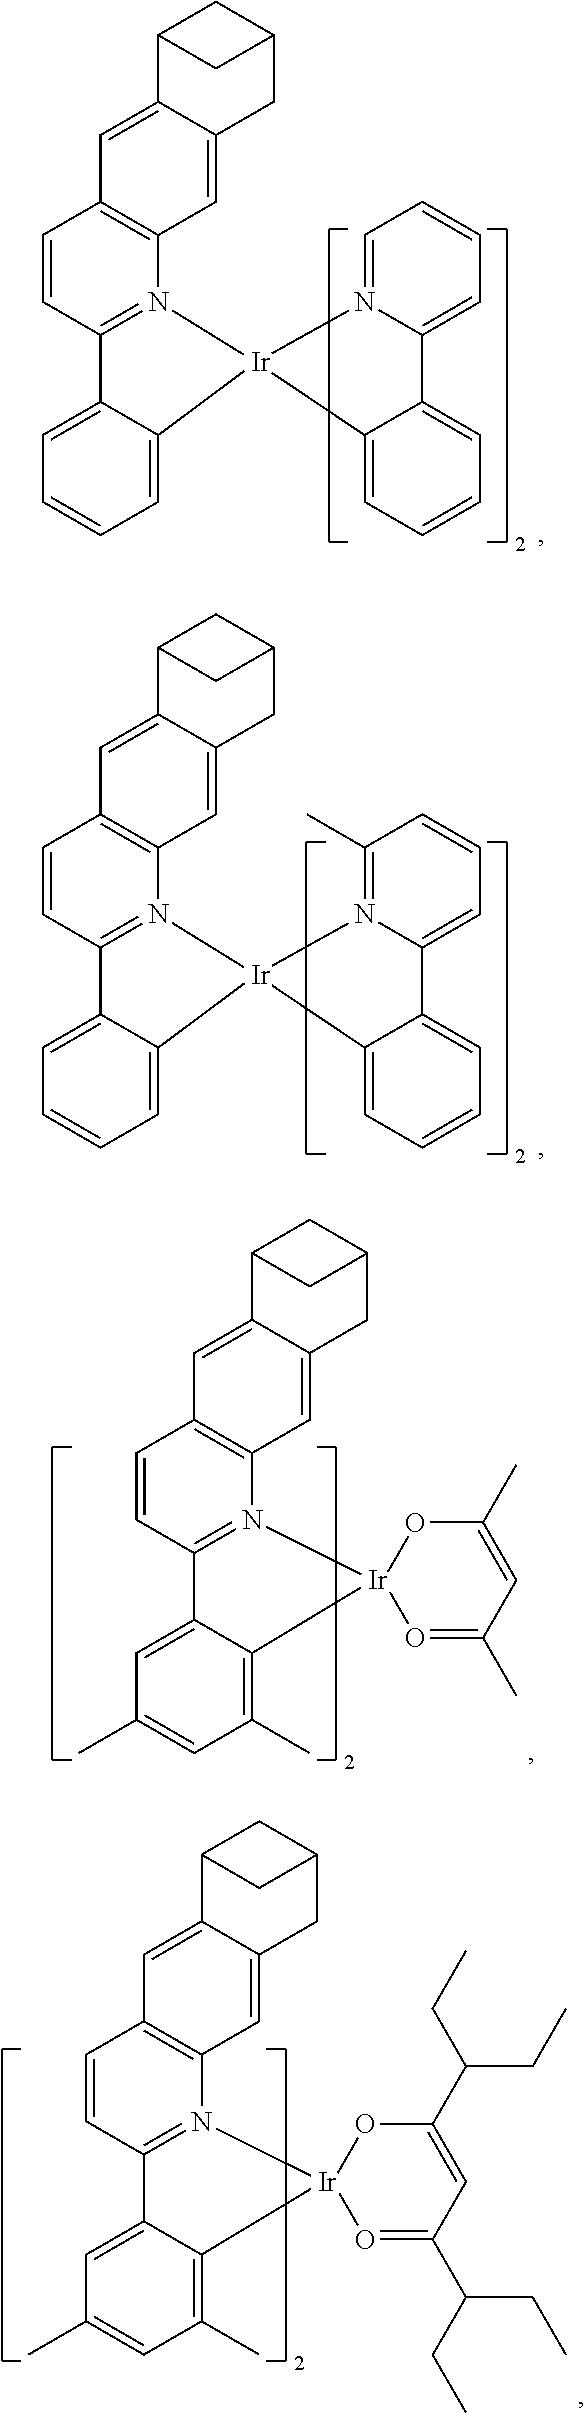 Figure US09691993-20170627-C00317